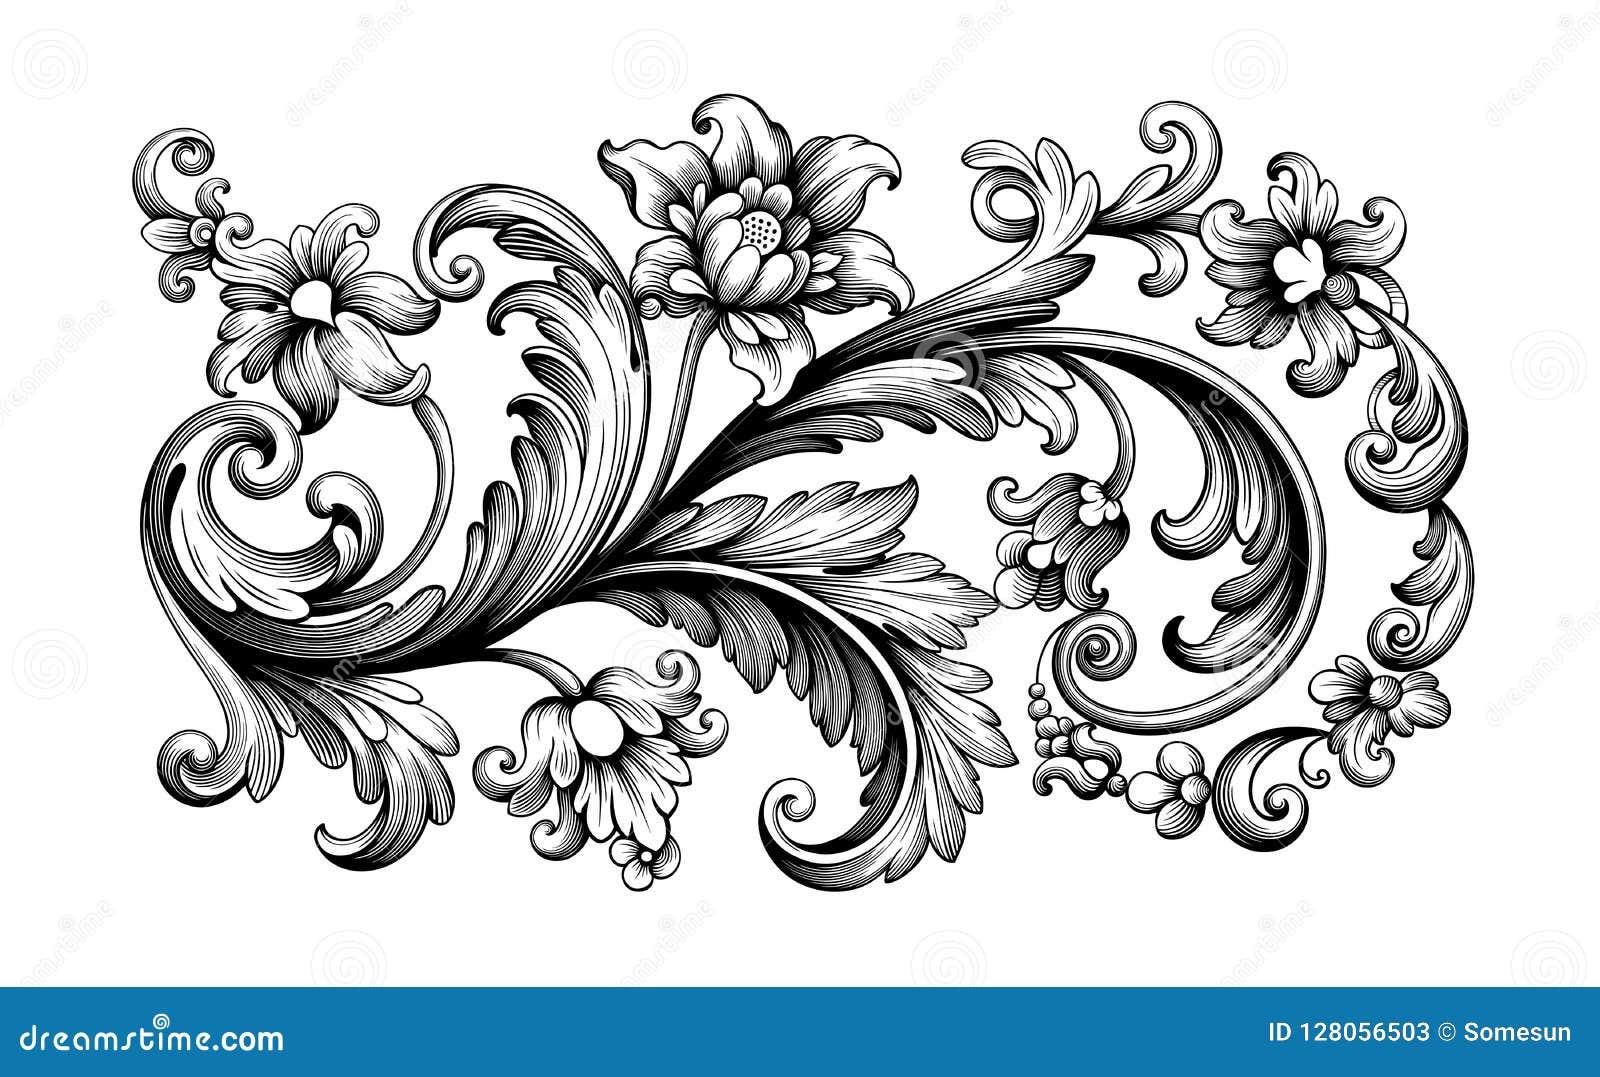 Da tatuagem cor-de-rosa retro da peônia do teste padrão do ornamento floral da beira do quadro do rolo barroco do vintage da flor